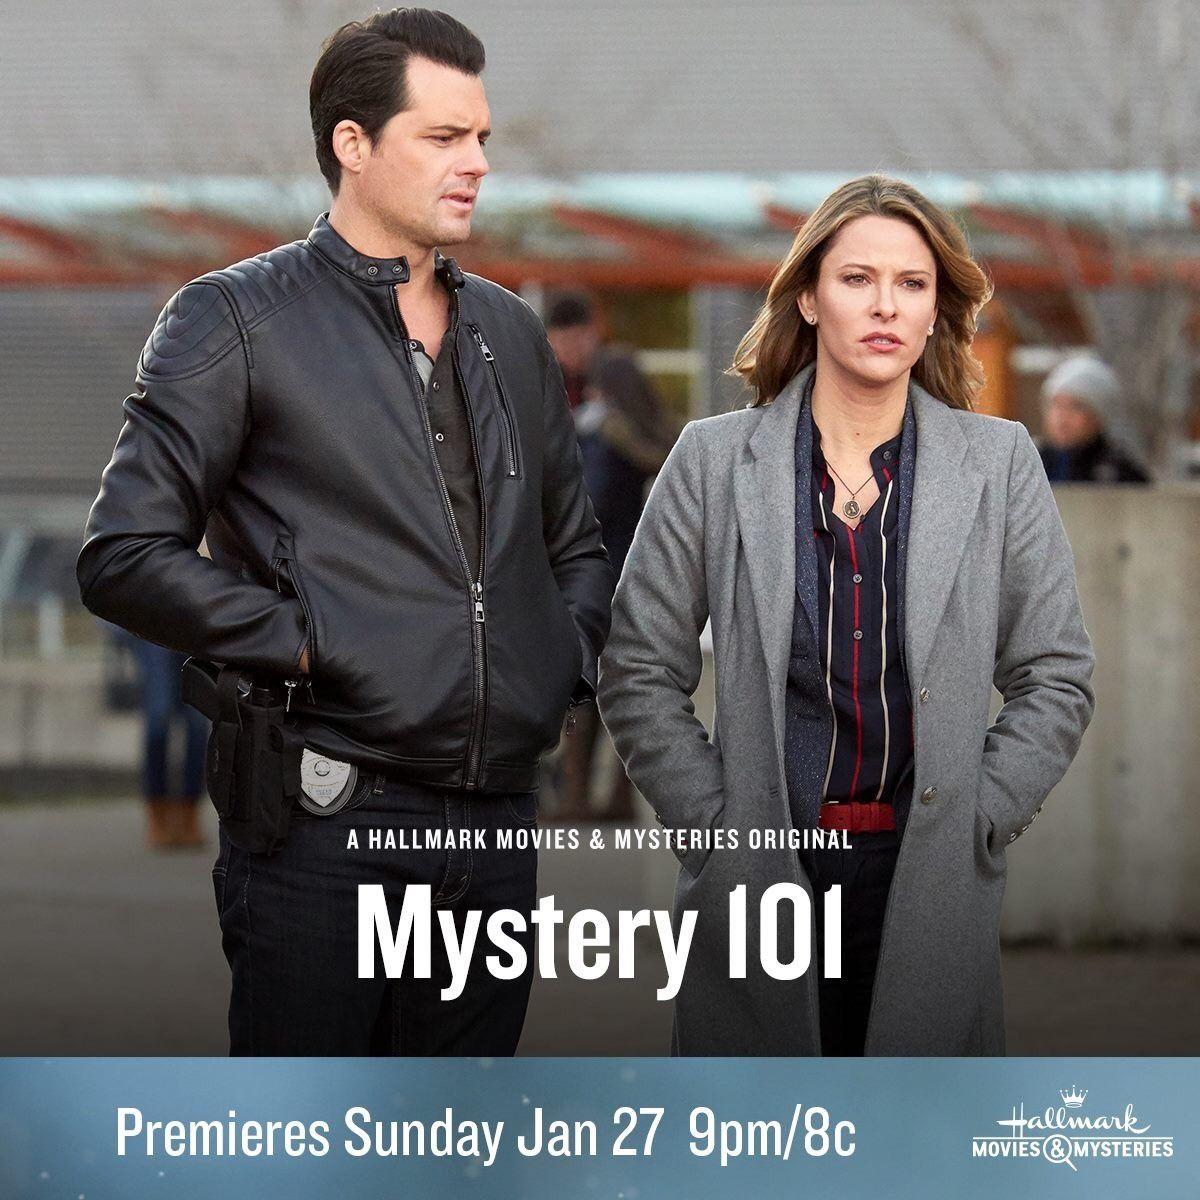 Hallmark Movies And Mysteries.New Hallmark Movies Mysteries Movie Mystery 101 Review Interview